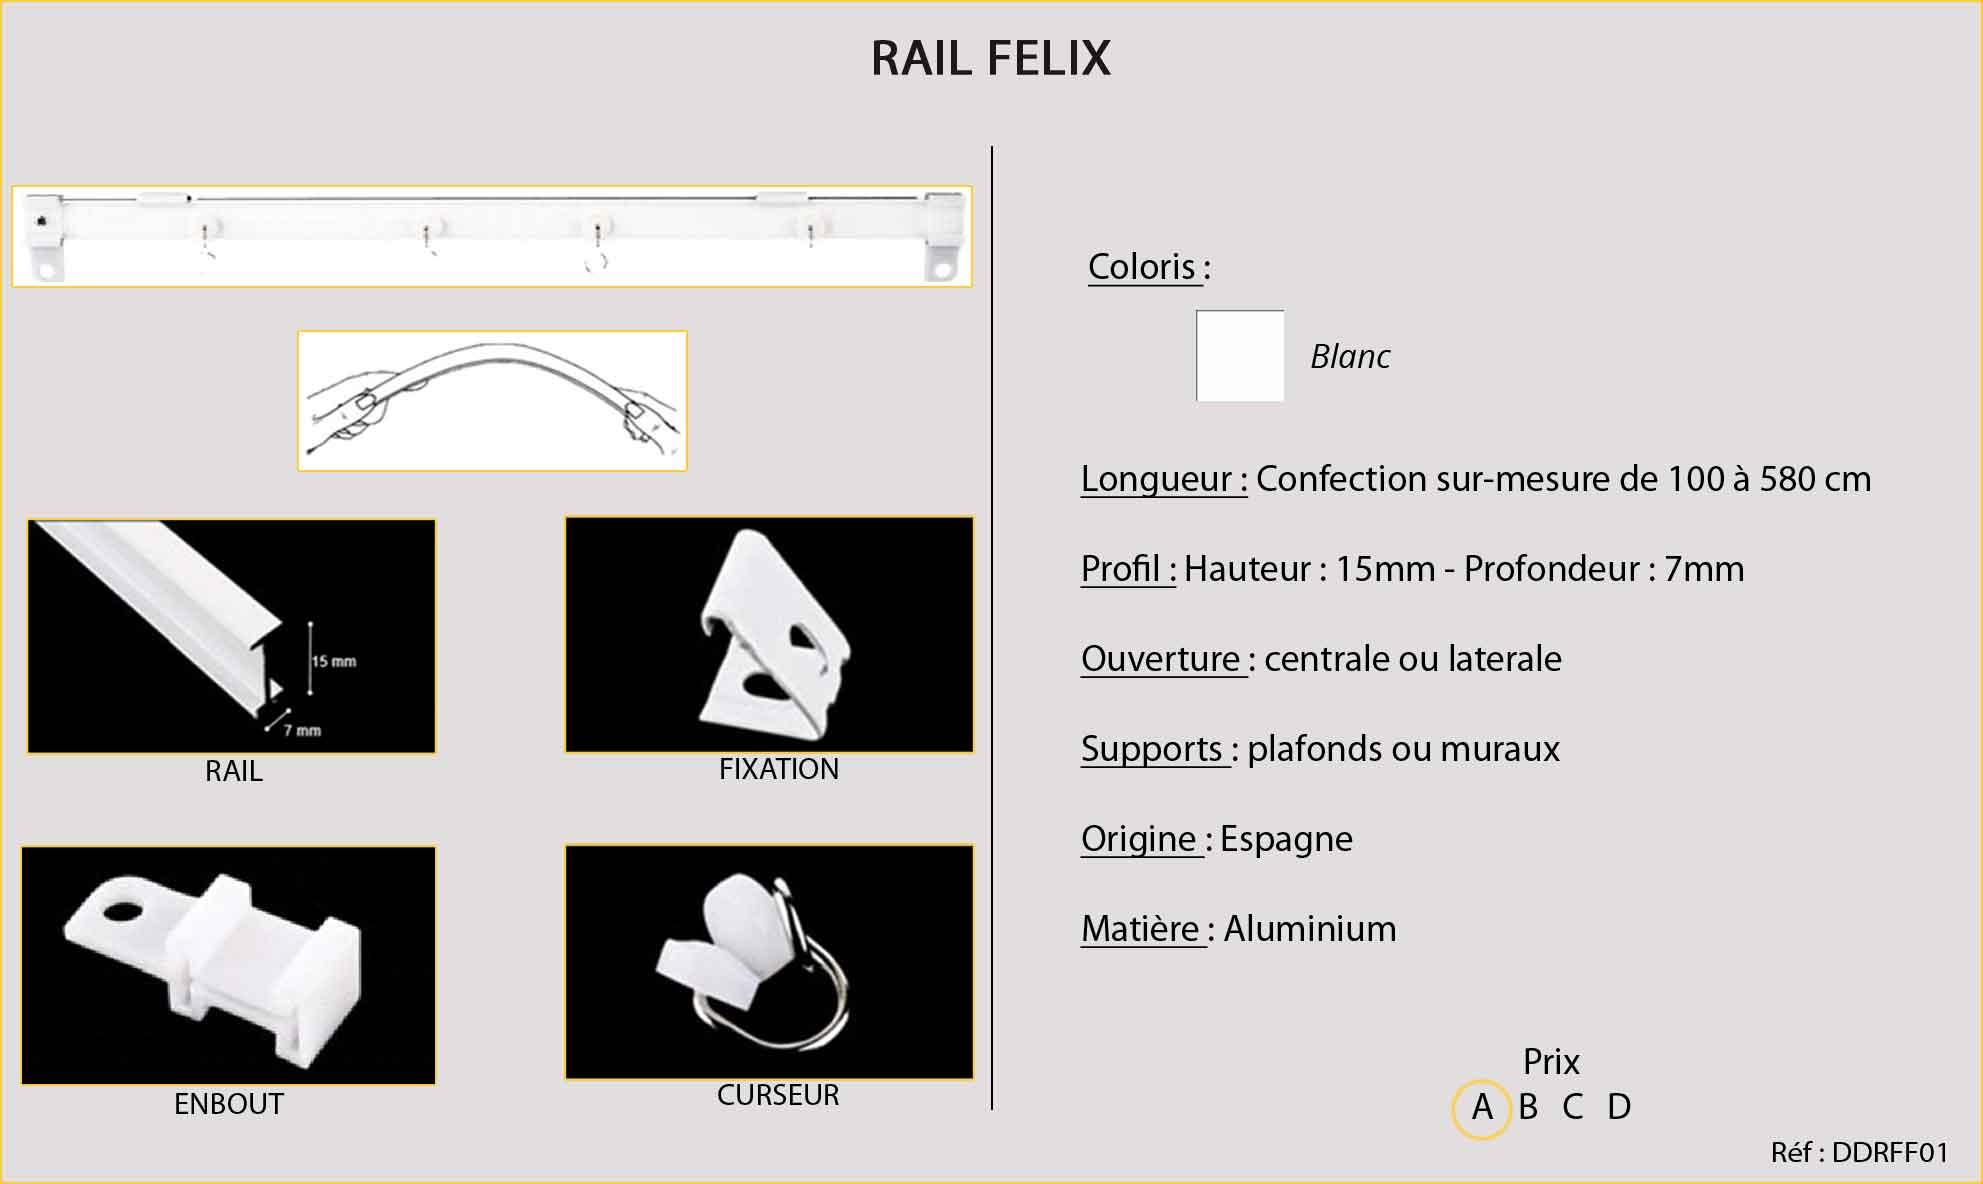 Rail Felix